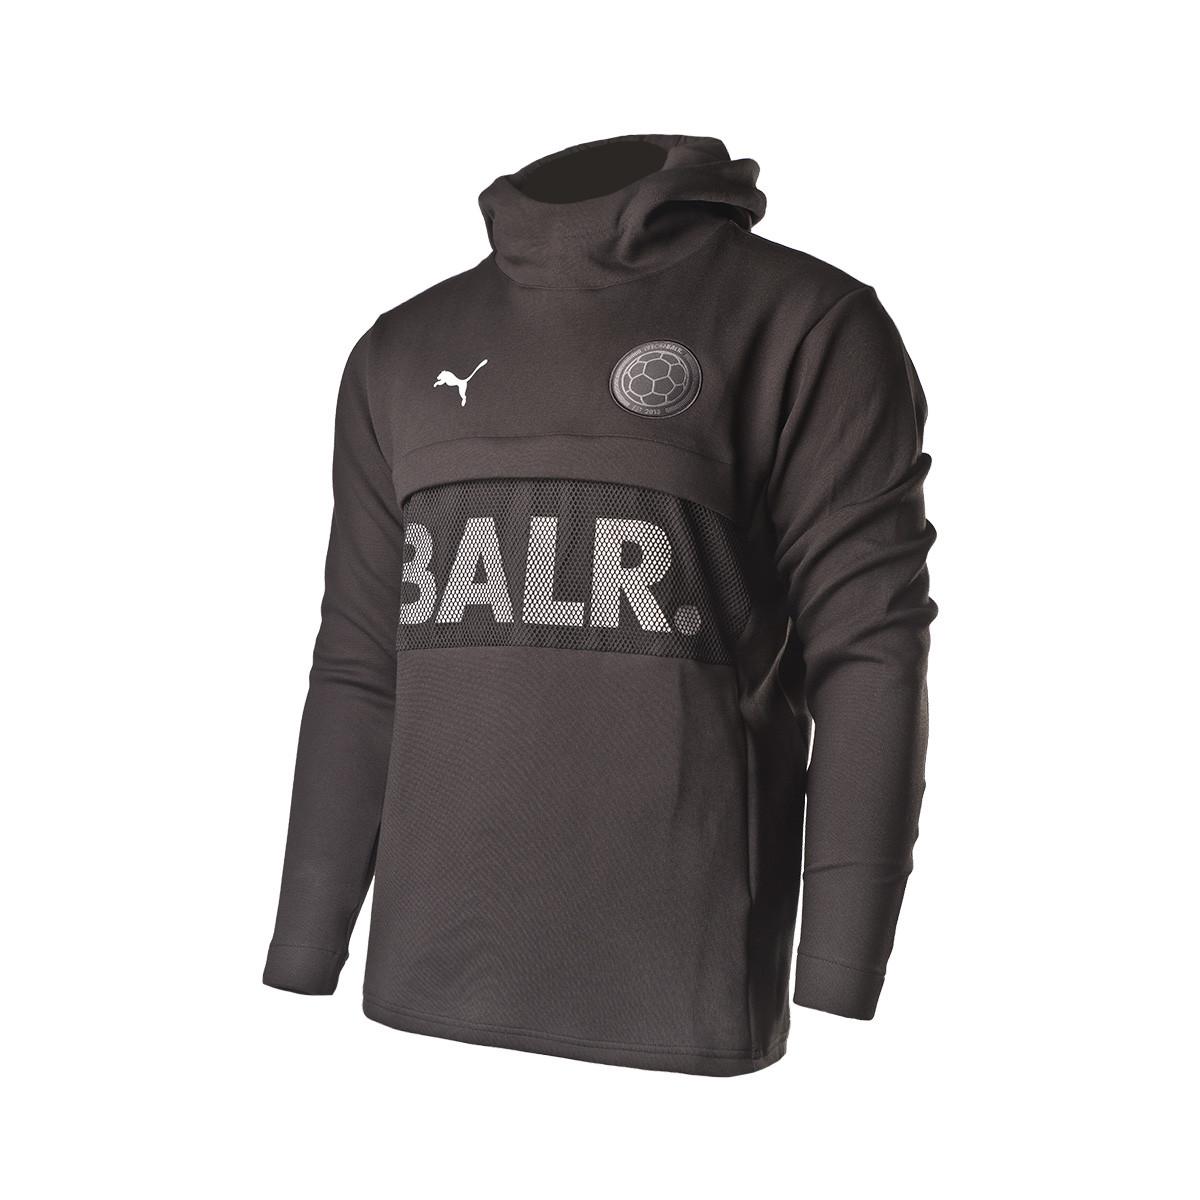 Puma Hoody BALR Sweatshirt